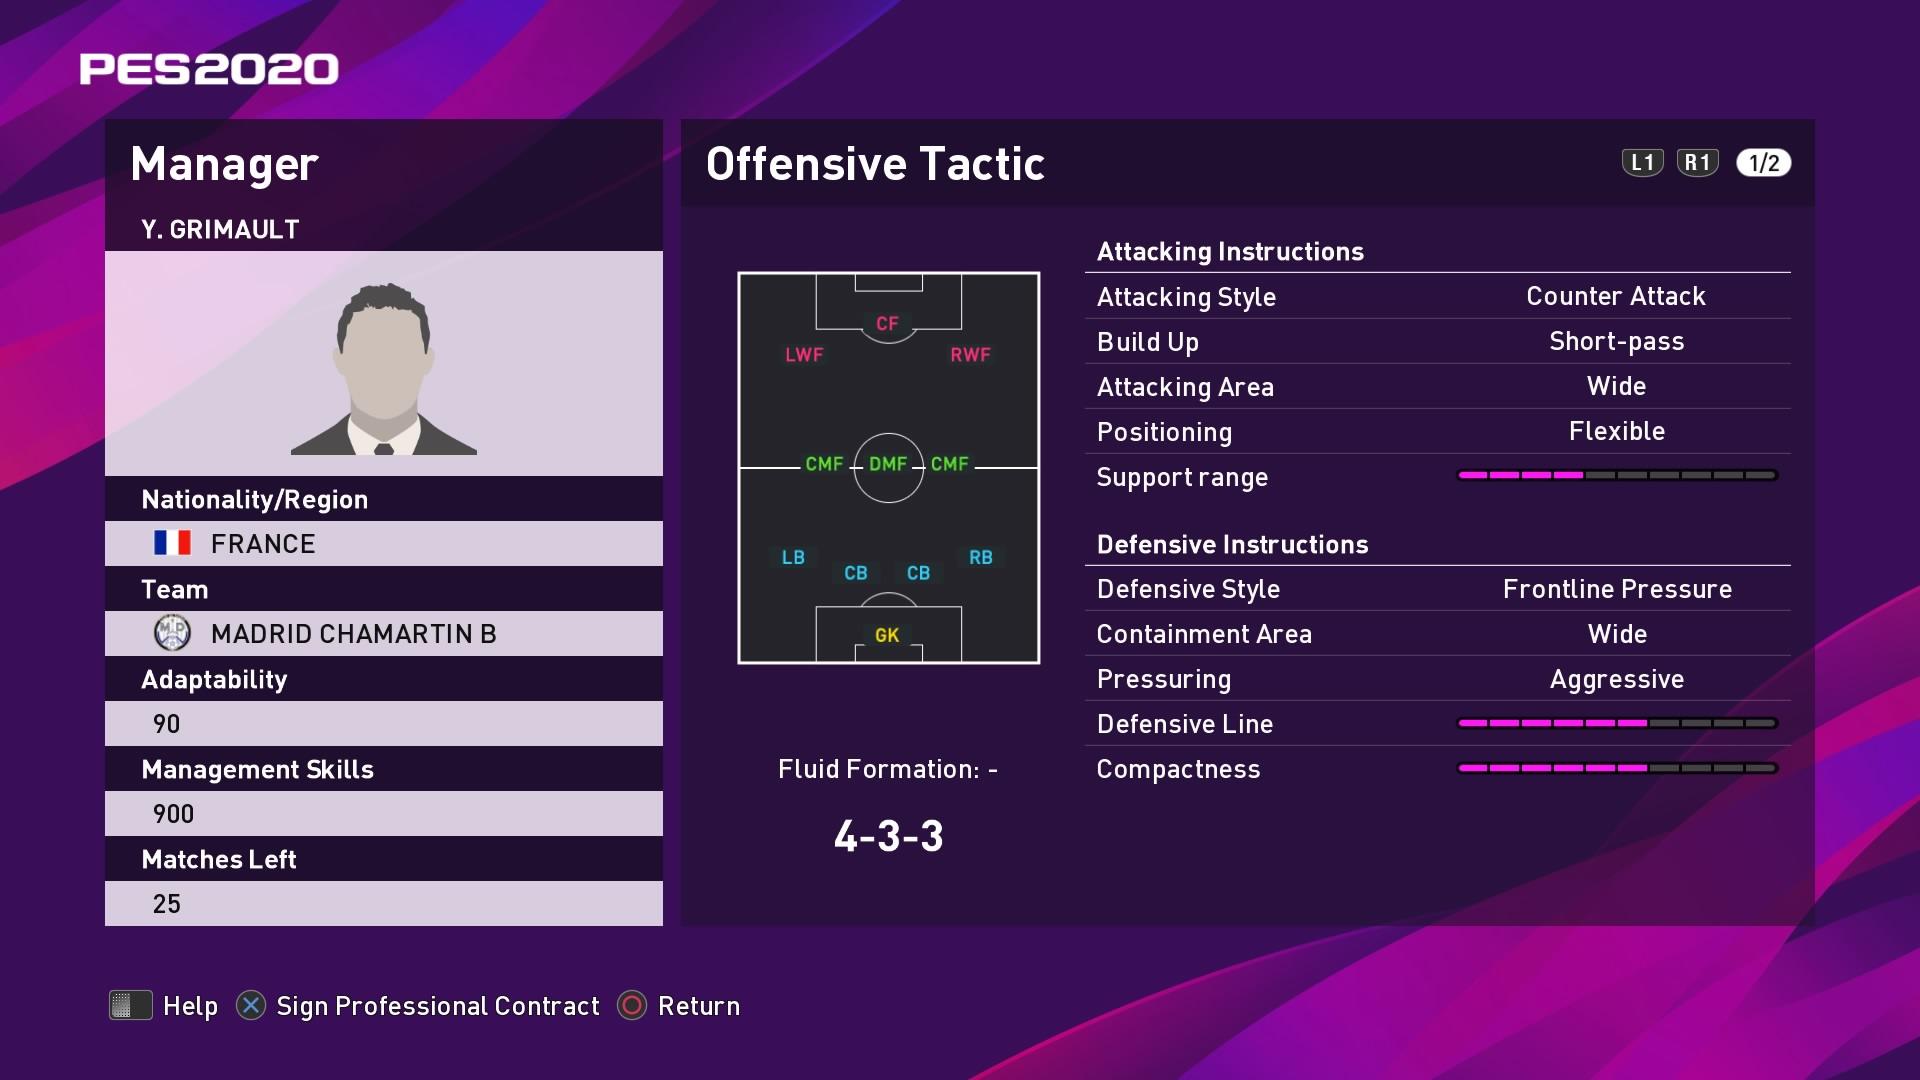 Y. Grimault (Zinedine Zidane) Offensive Tactic in PES 2020 myClub